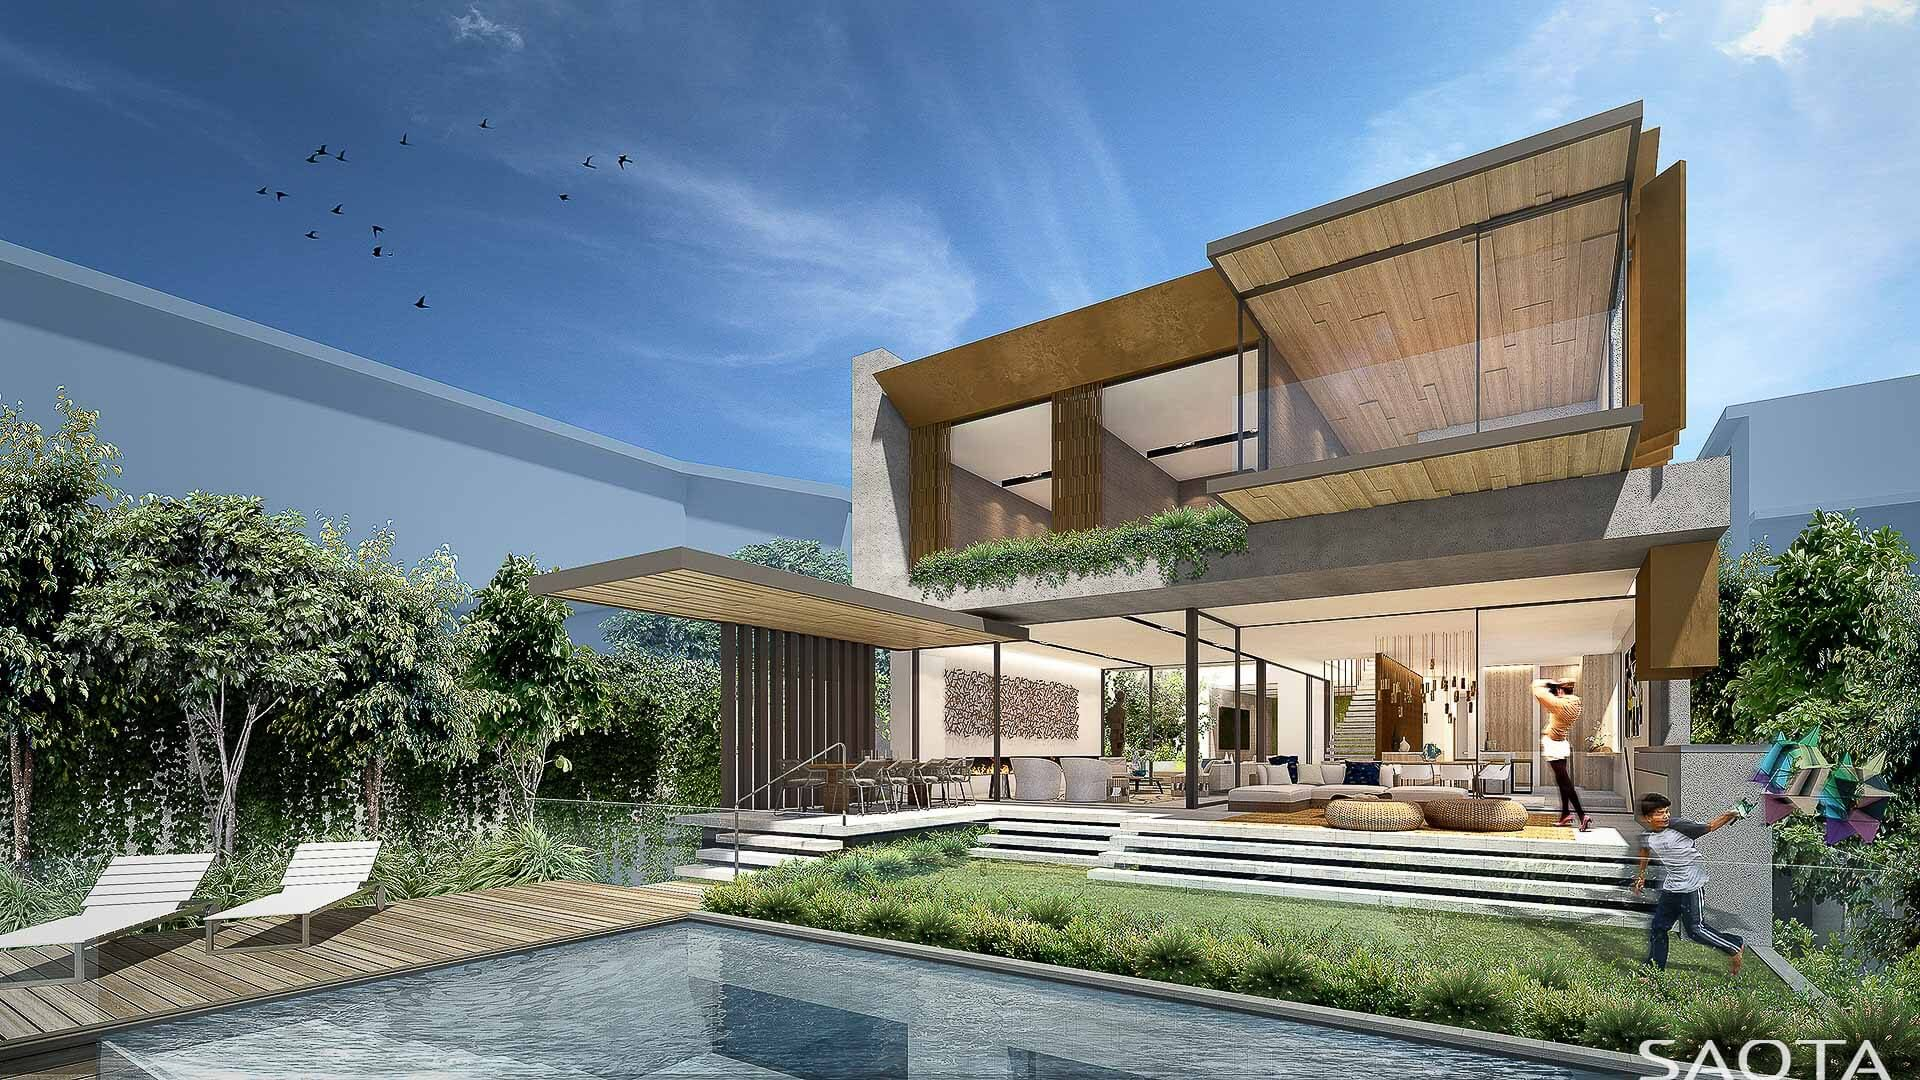 Au Edwards  Saota Architecture And Design